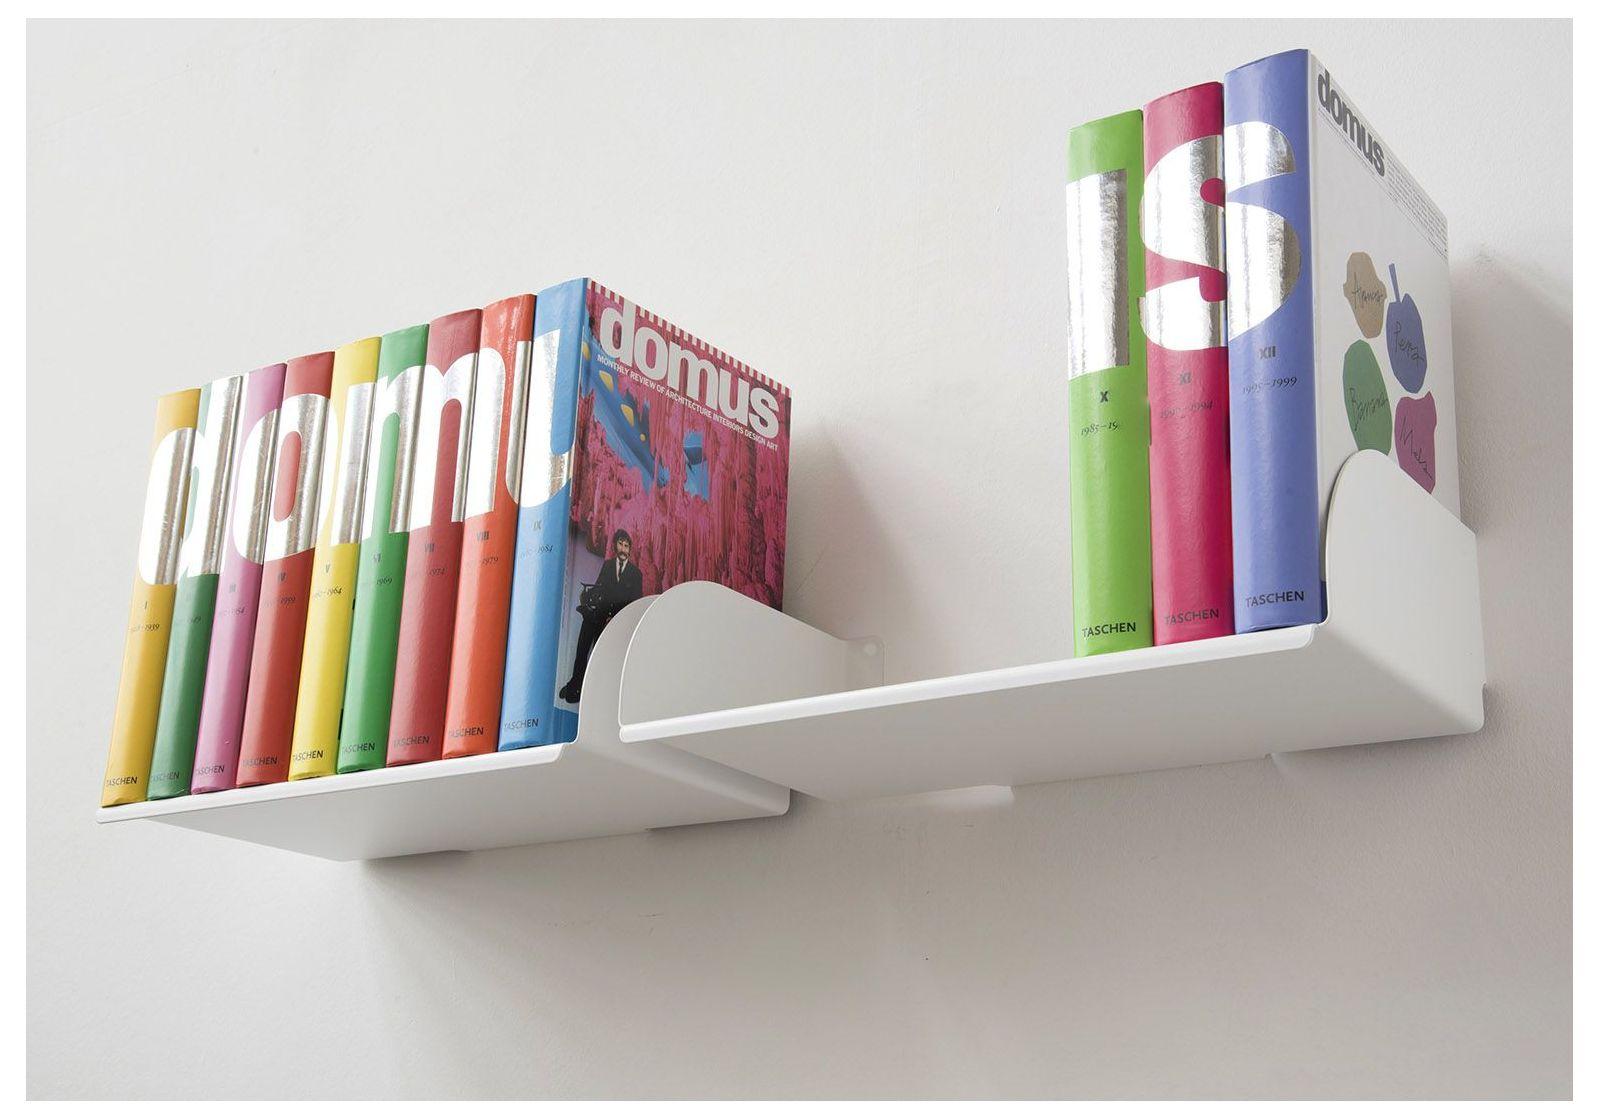 mensole per libri ubd set di 4 45 cm acciao